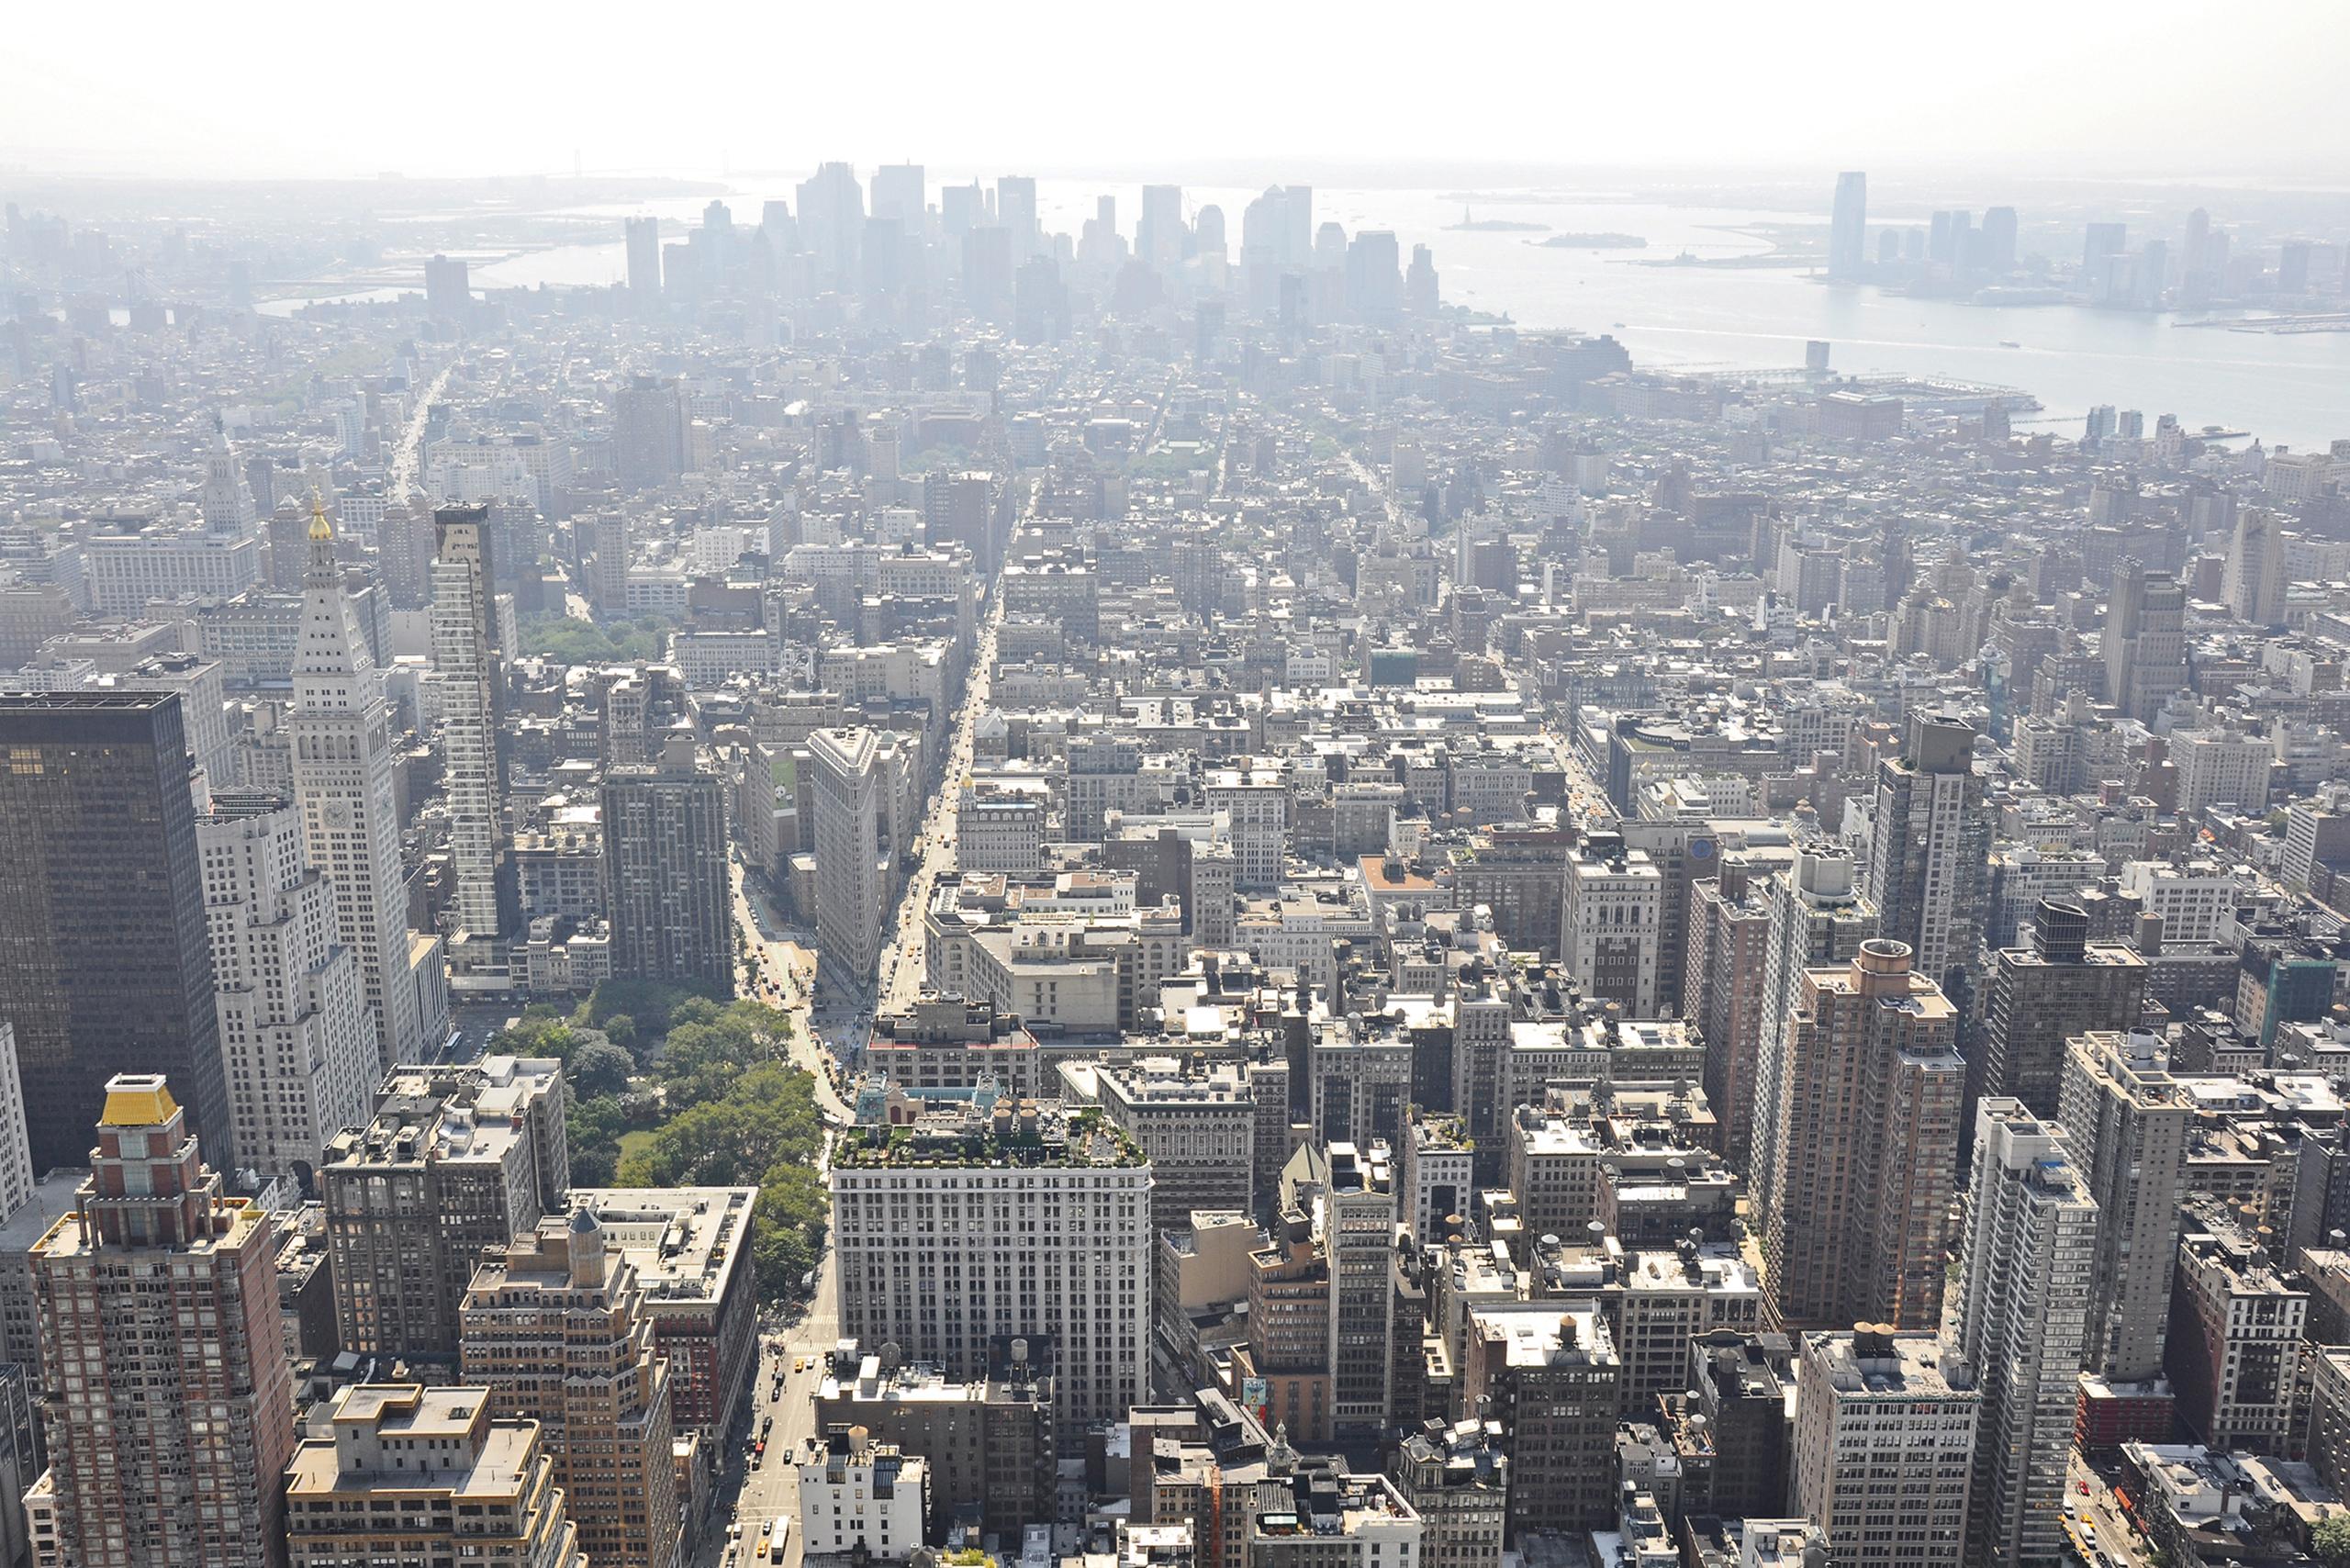 New York City, New York | Photo: Matthias Ries